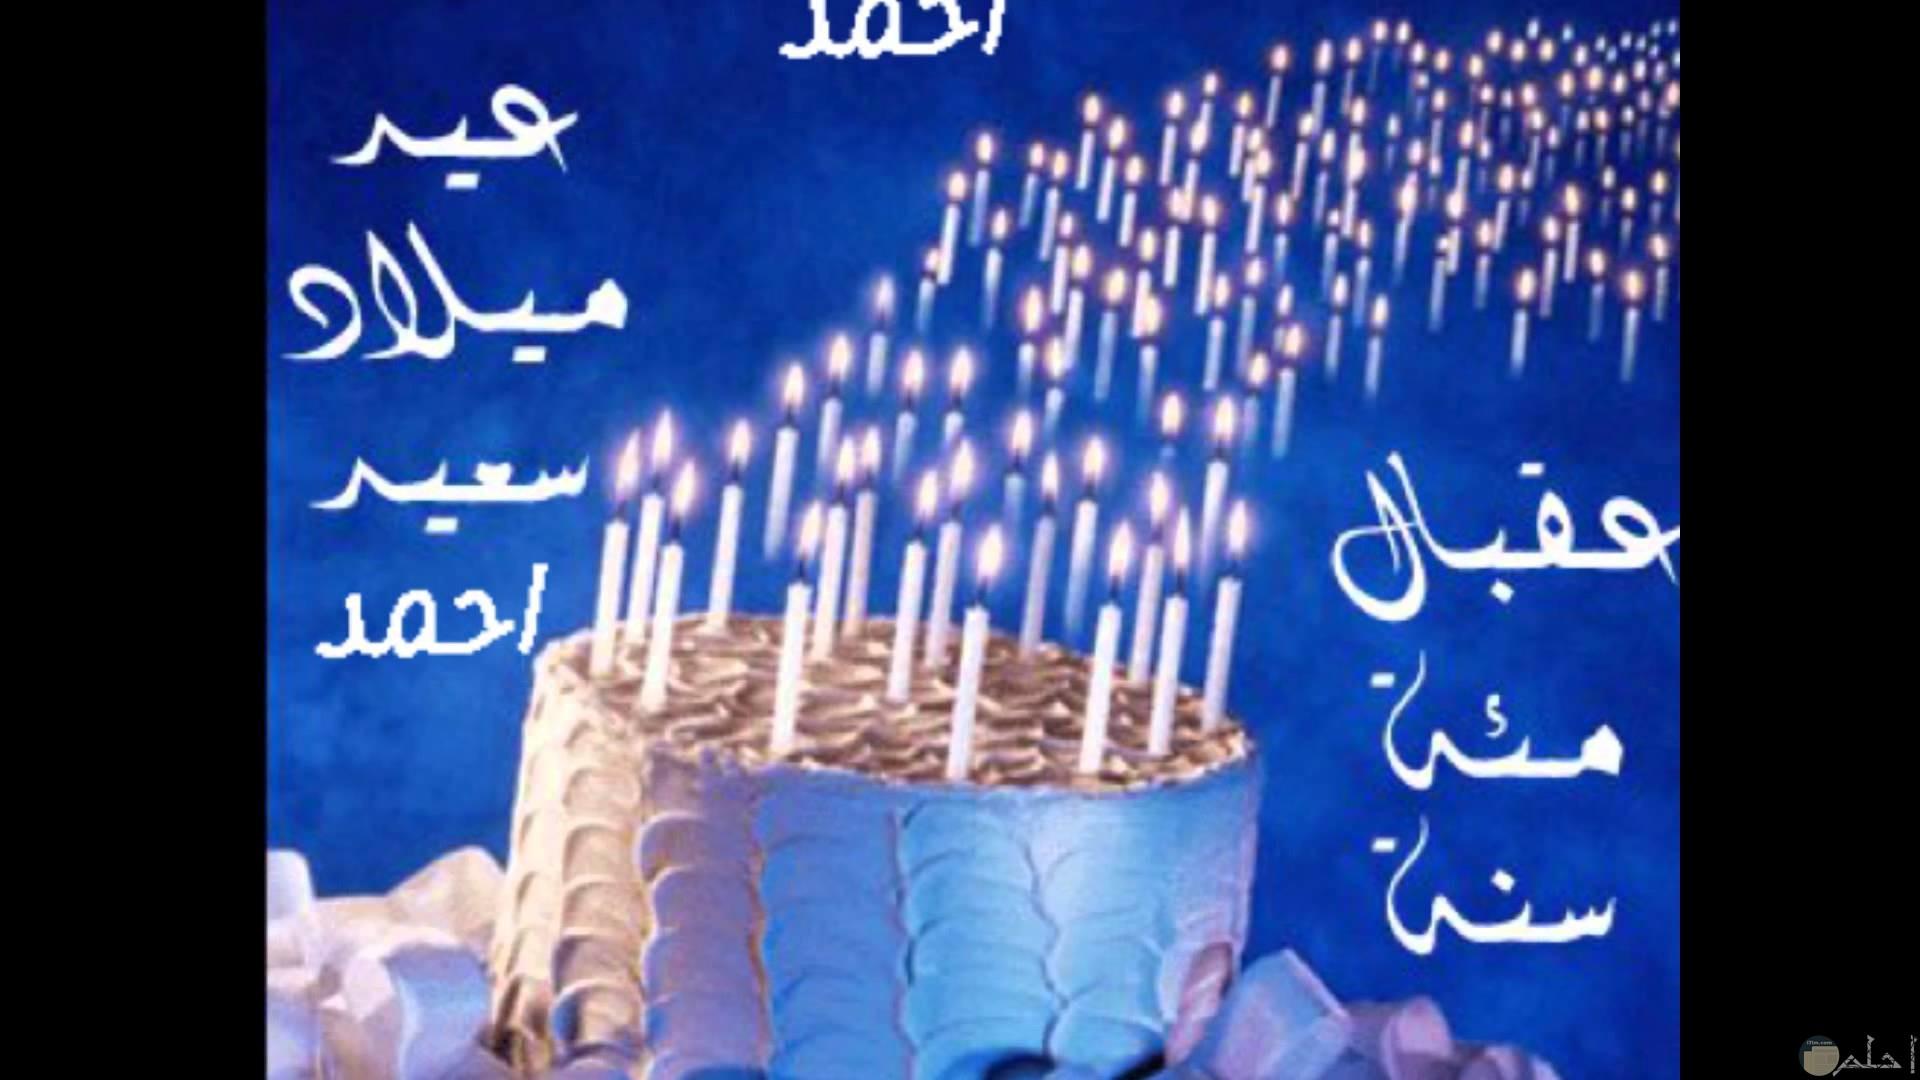 احمد عيد ميلاد سعيد عقبال مئه سنة